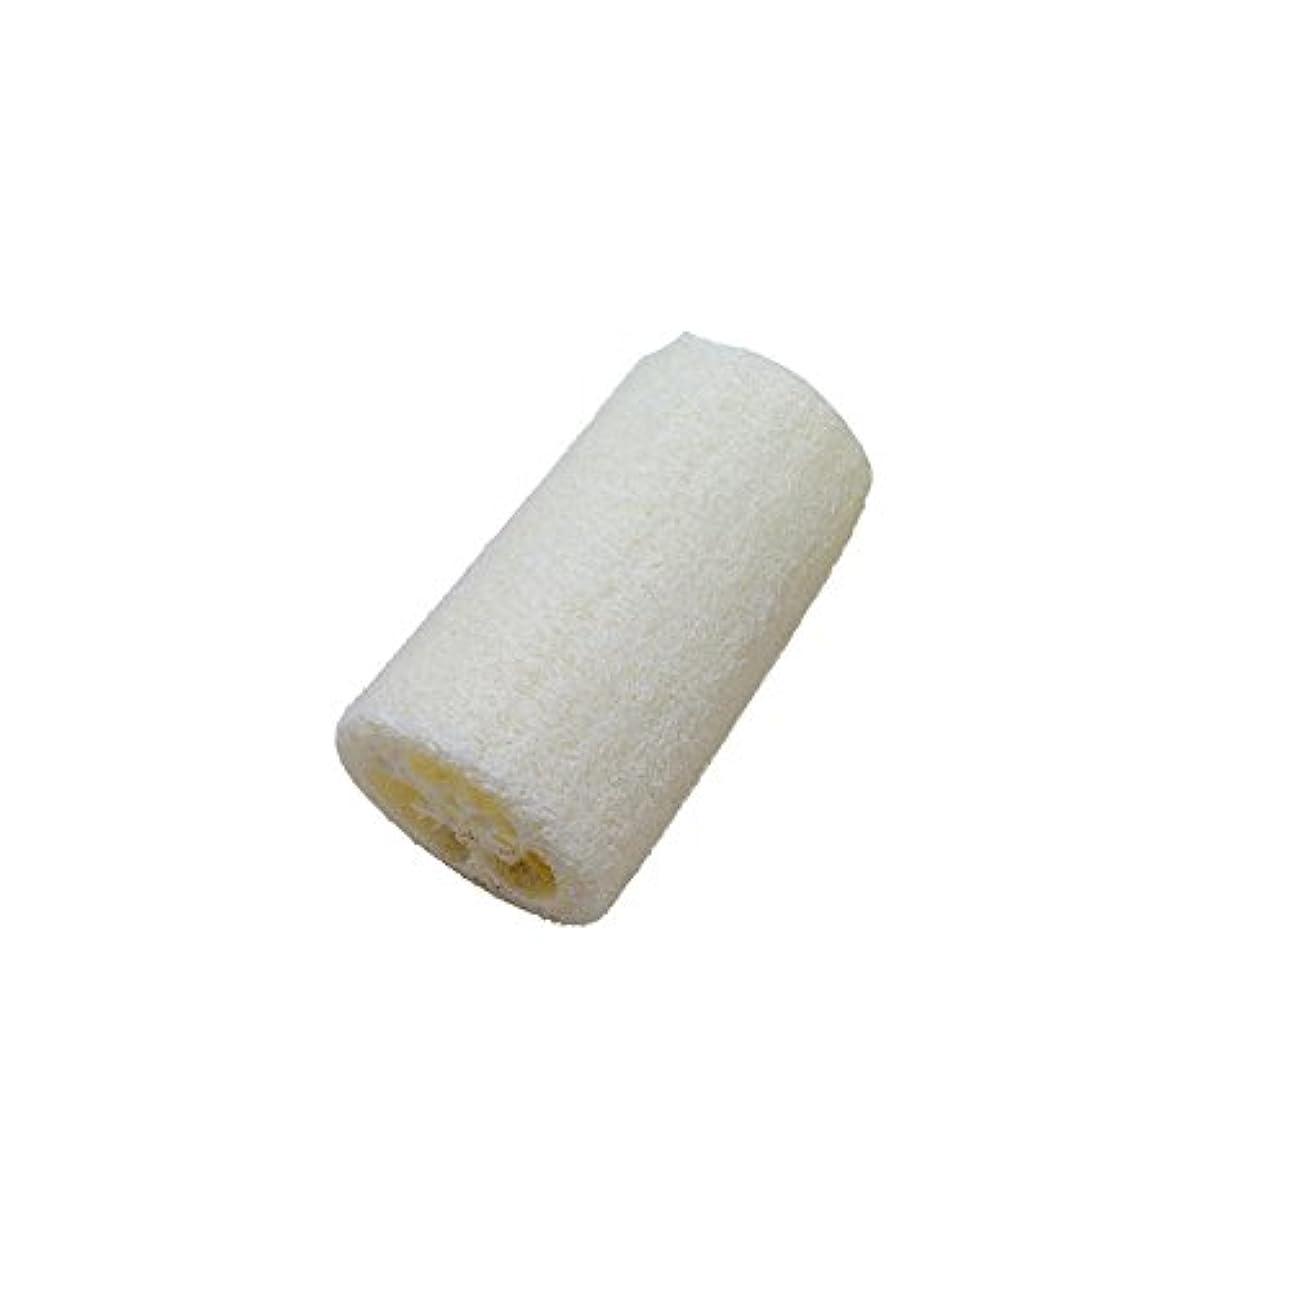 処分したただ意図的天然ヘチマ ボディスポンジ シャワースポンジ ボディブラシ シャワーブラシ 入浴 風呂スポンジ 角質海綿 全身美容 新陳代謝を促進 角質除去 マッサージ SPA ルーファ ボディウォッシュボール (7.5cm)